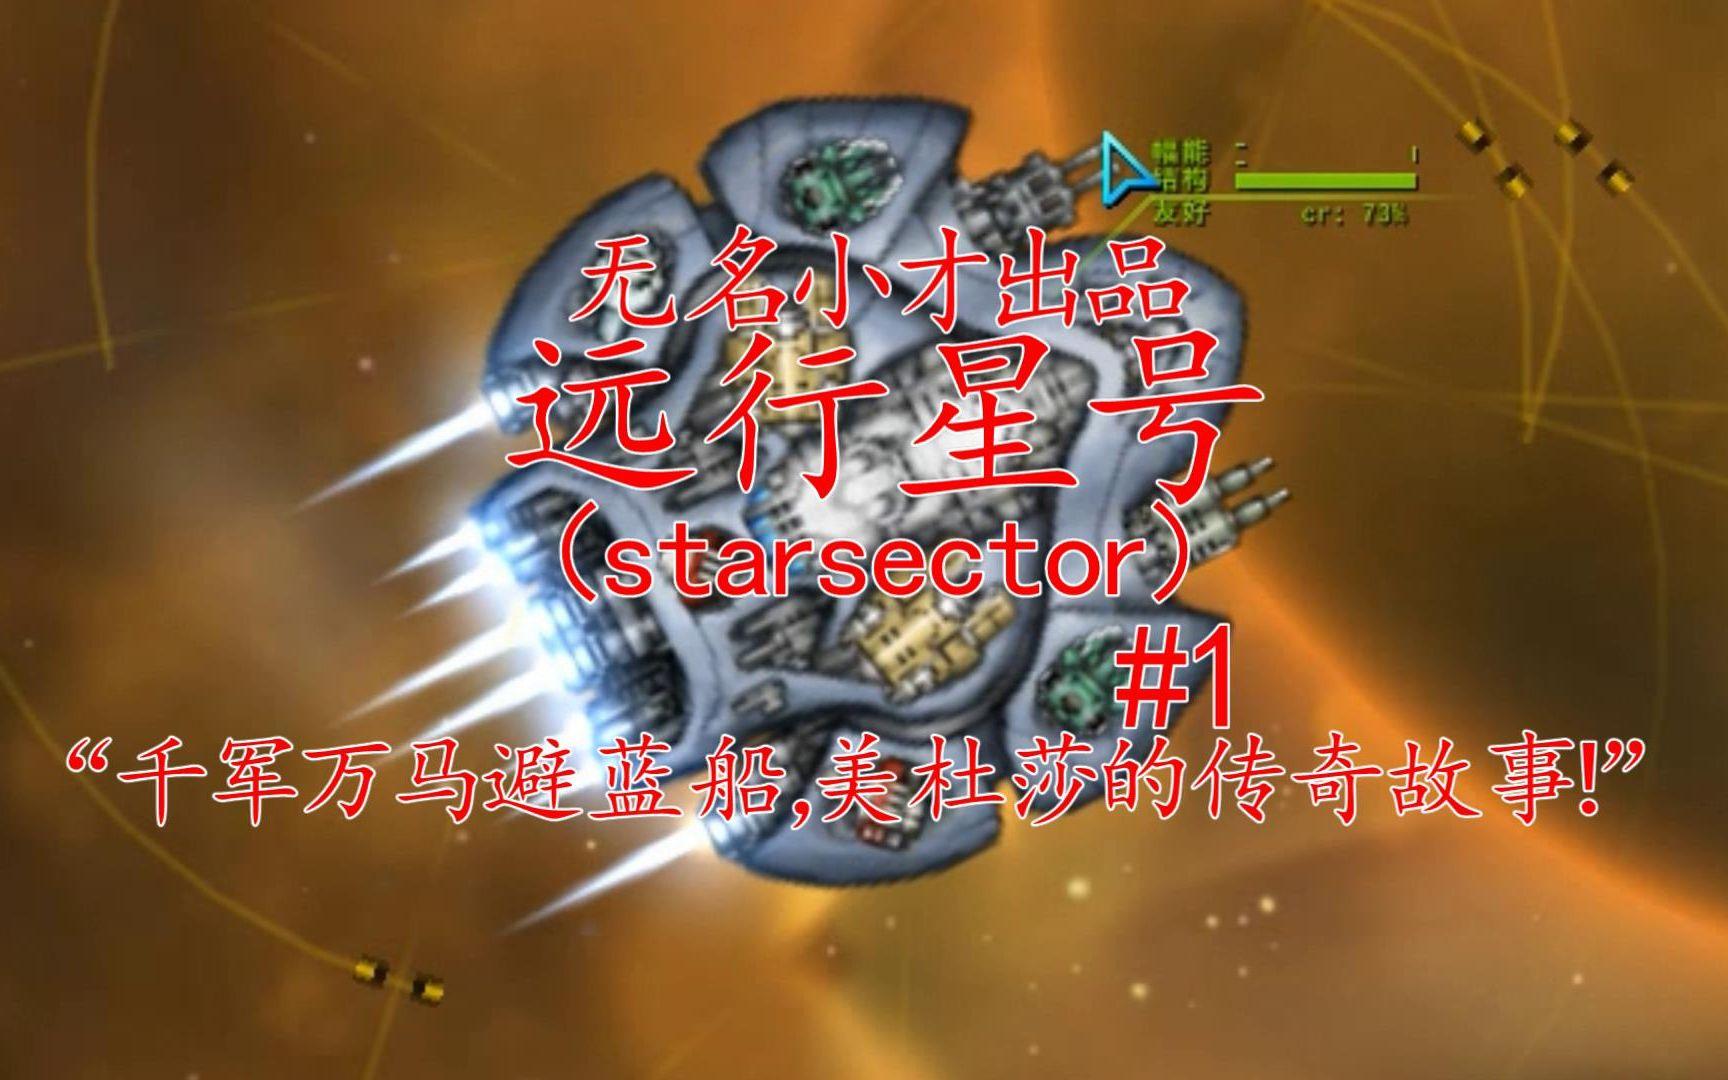 【无名小才在此】远行星号#1|千军万马避蓝船,美杜莎的传奇故事!(starsector)